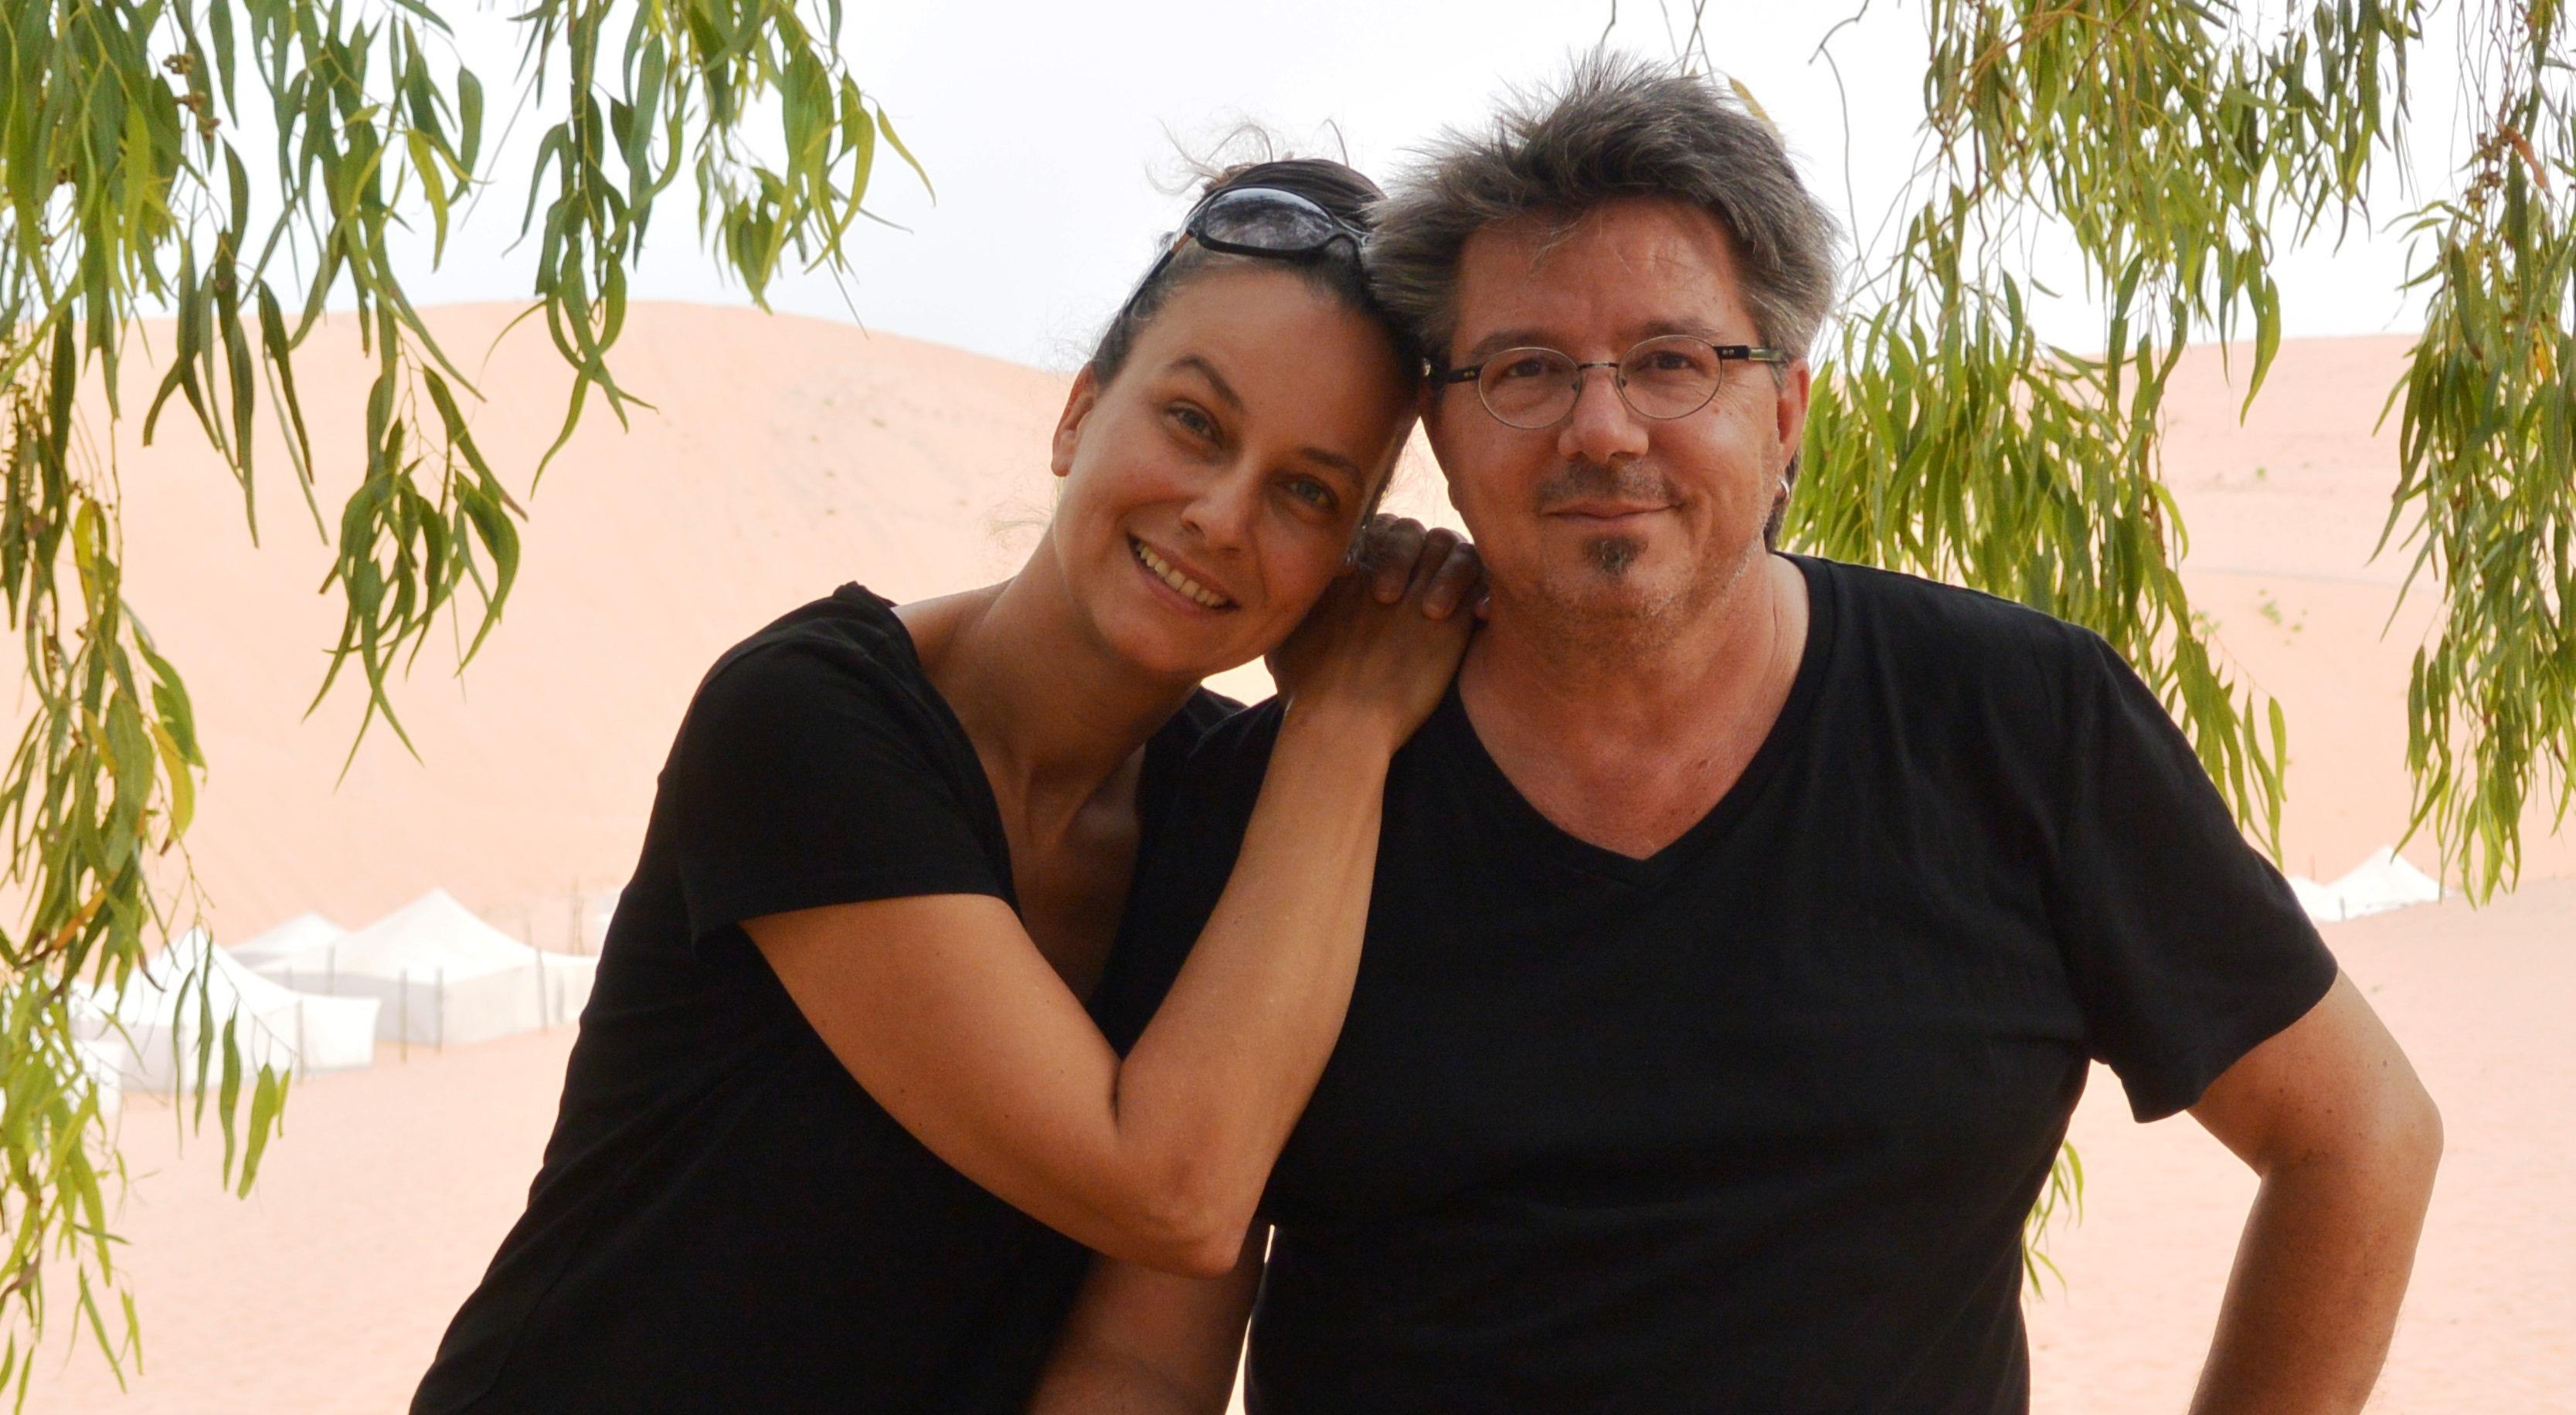 Natalie und Markus Moosmann – gemeinsam in Senegal 2014; Foto: Natalie Moosmann